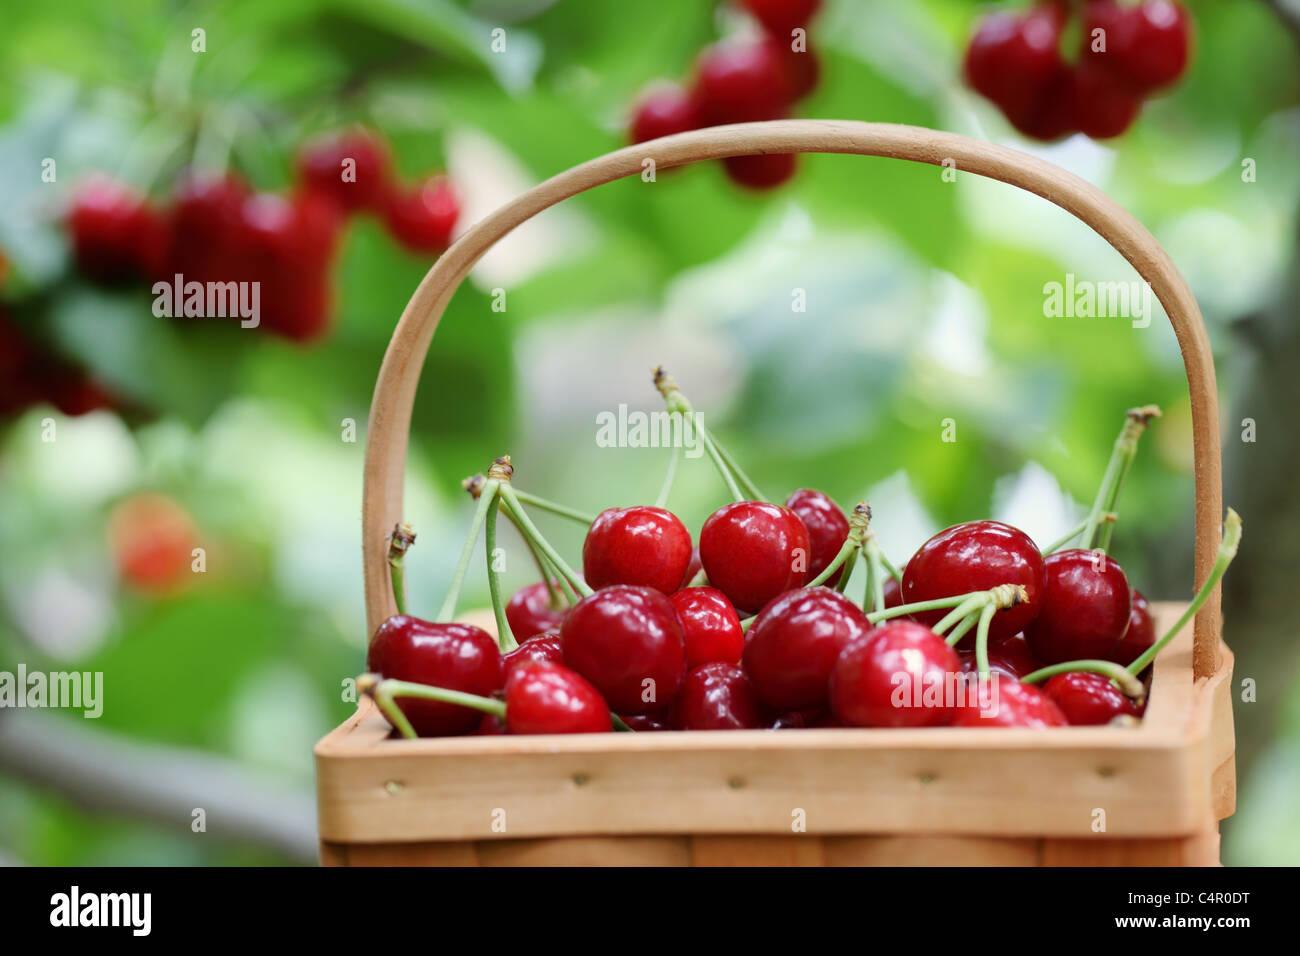 Frische rote Kirschen auf einer Szene, Obstgarten, flachen Dof. Stockbild